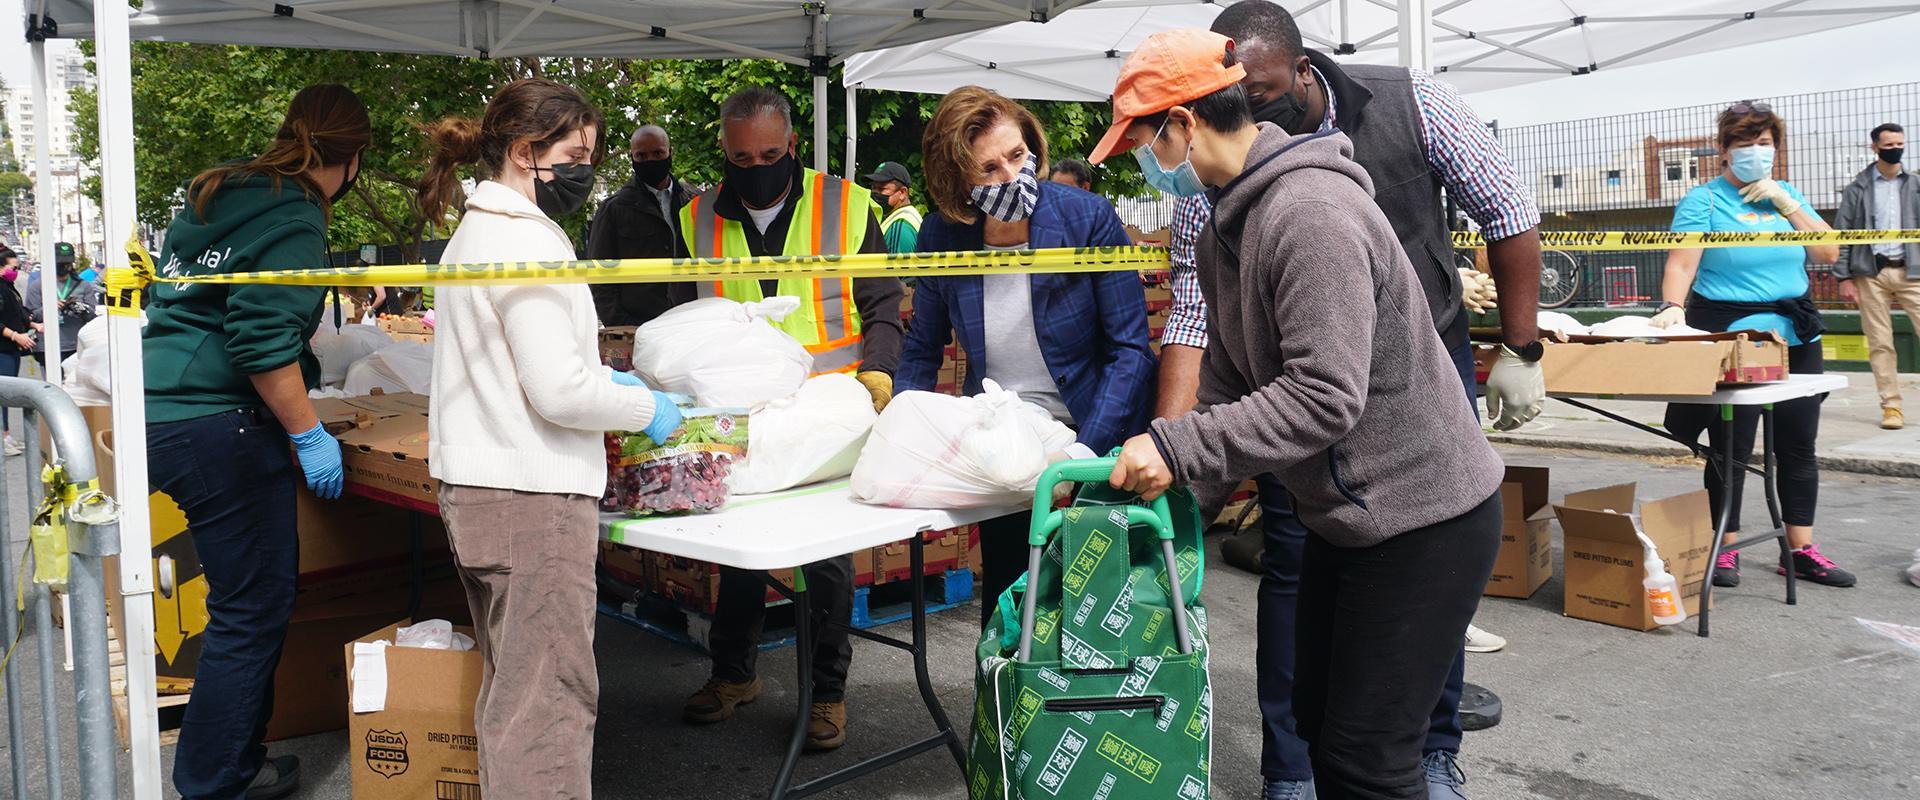 Feeding San Franciscans